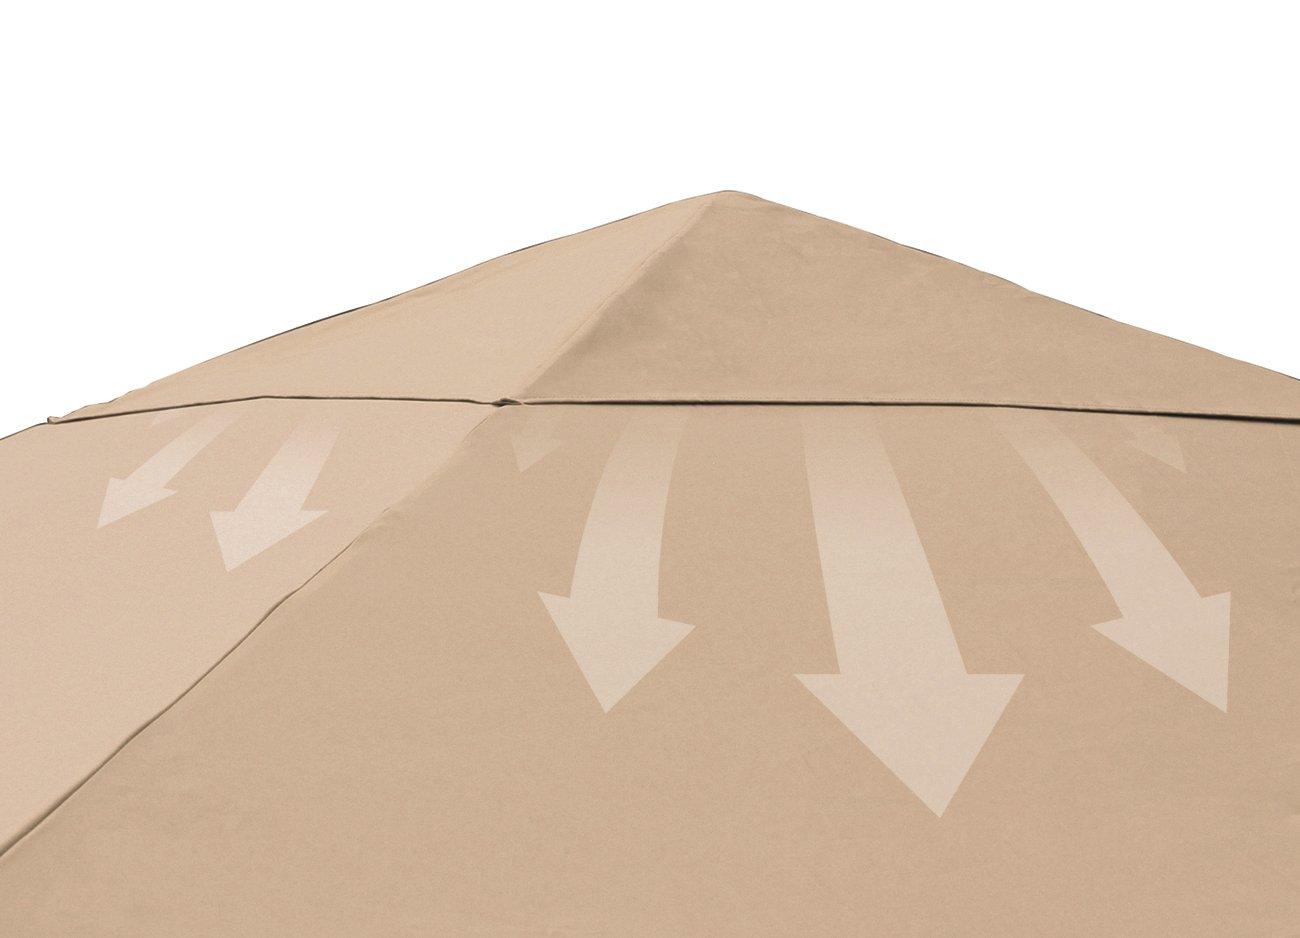 Sekey Copertura Gazebo//Sostituzione del baldacchino per Gazebo//Tenda Pieghevole da Festa//Tenda da Esterno con sbocco e Rivestimento Impermeabile,Taupe,UV 50+,2.96 x 2.96 m